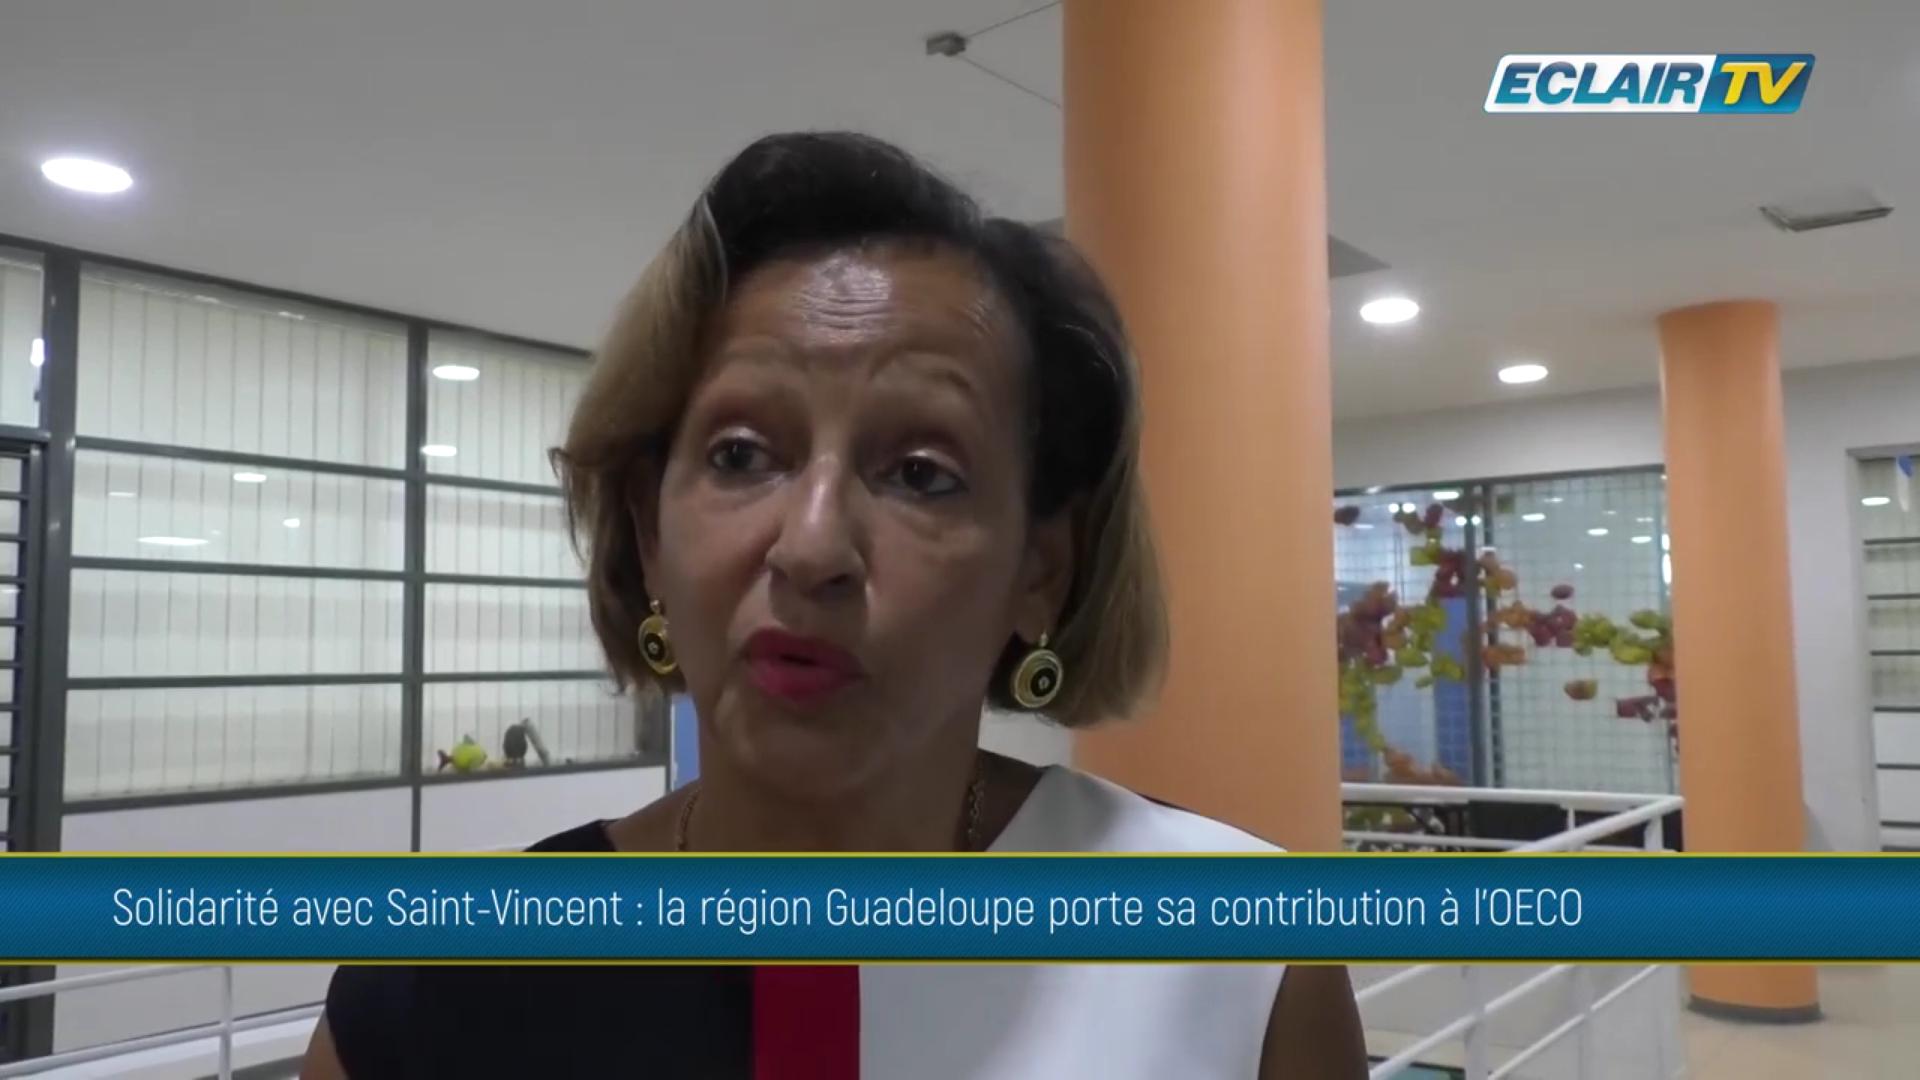 Onews Guadeloupe. La Région vient en aide à l île de Saint Vincent suite à l'éruption volcanique de la Soufrière (ECLAIR TV)